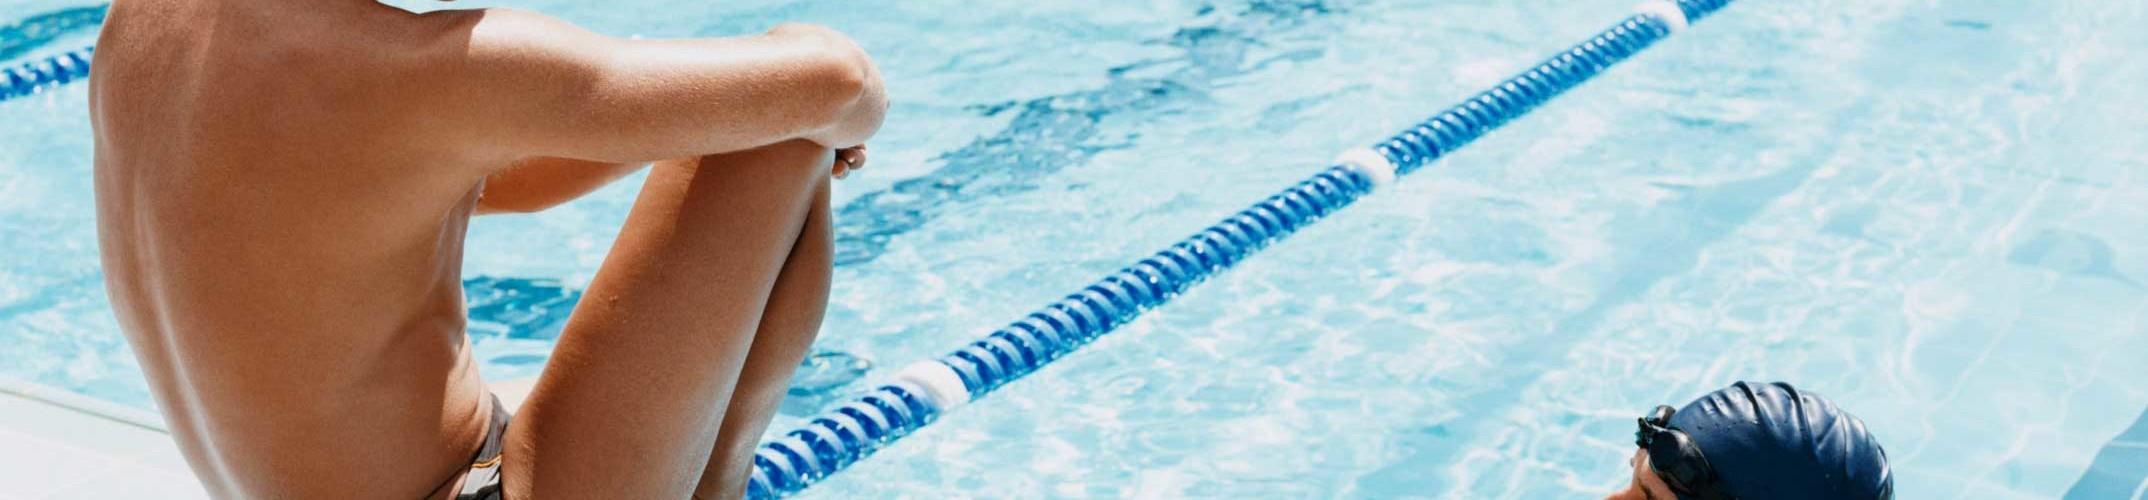 Una delle attività primarie della piscina comunale è il nuoto libero, che si svolge con elevate frequenze per tutto l'arco dell'anno.